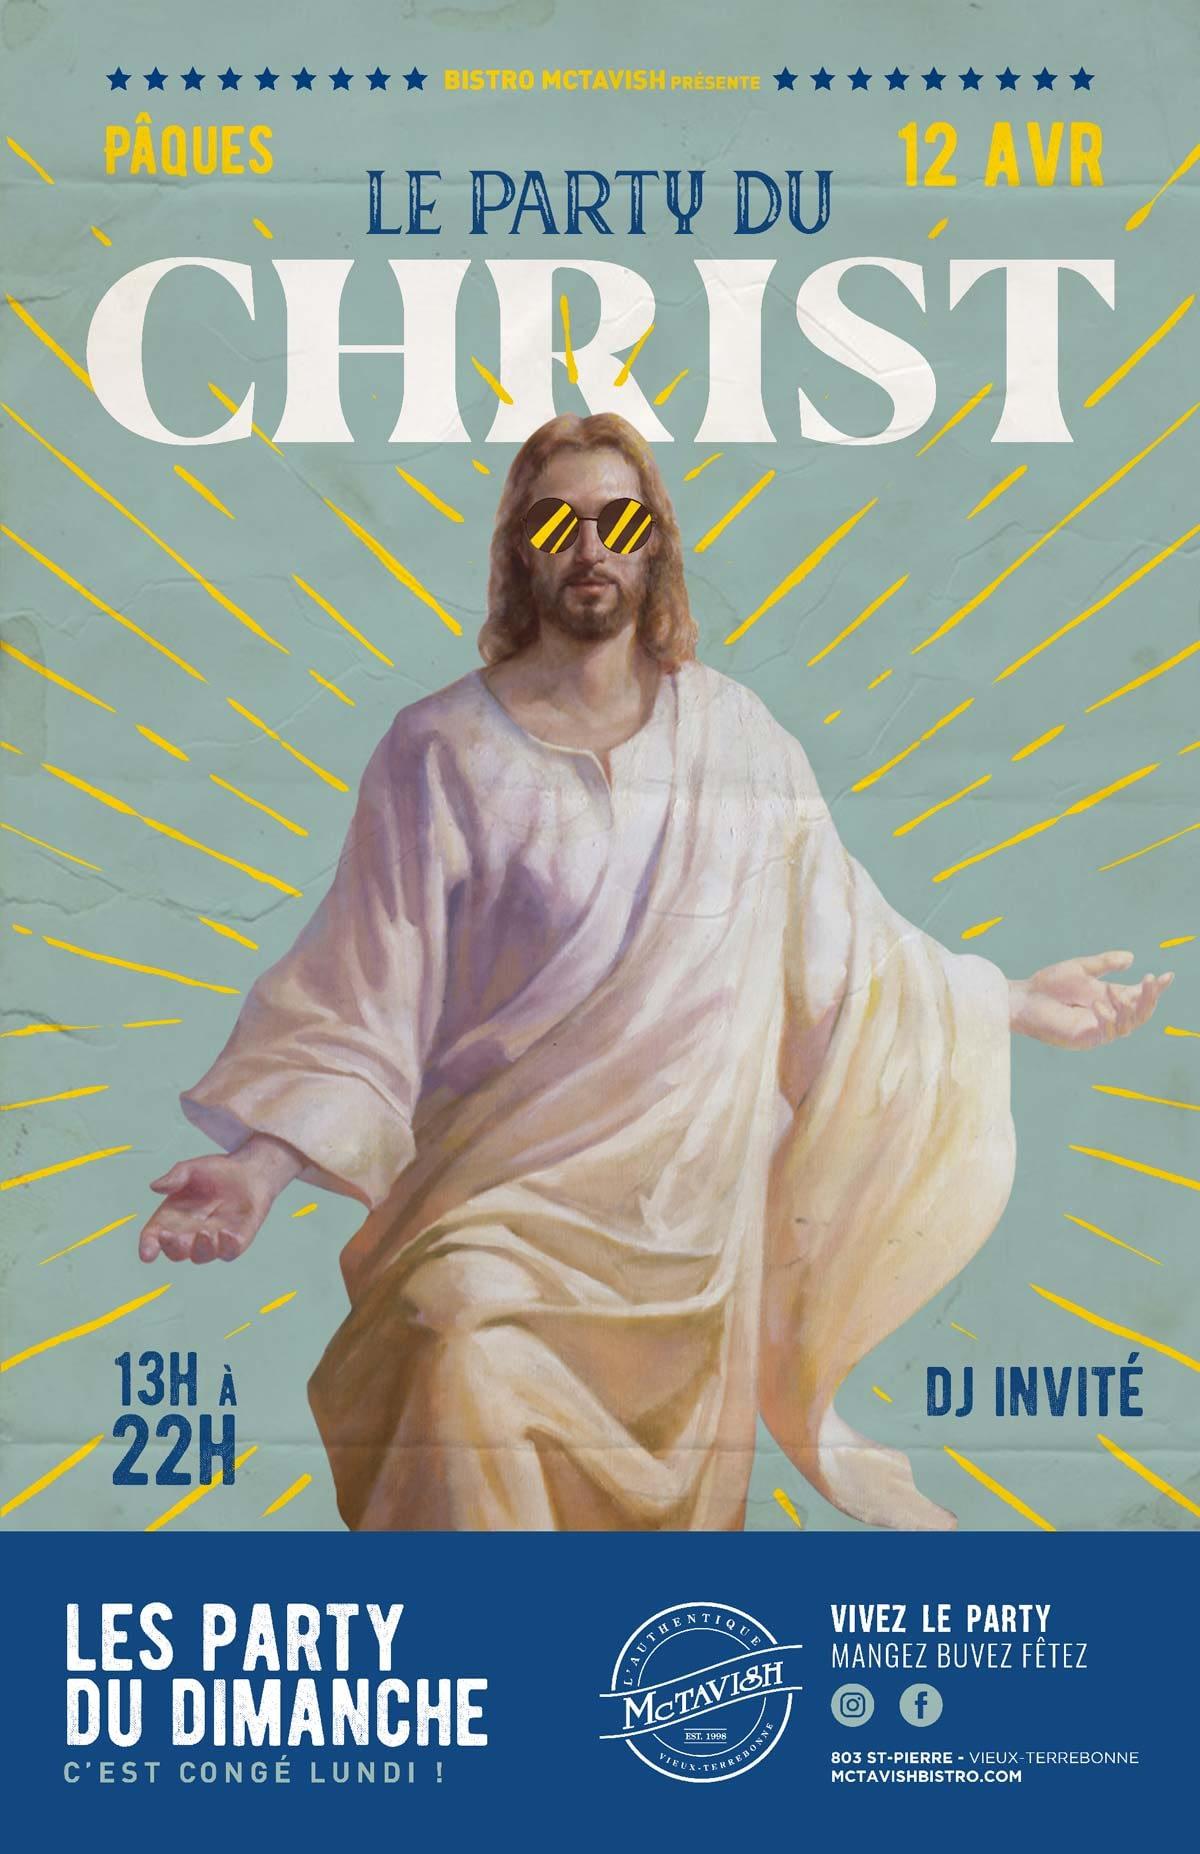 Pâques - Le party du christ